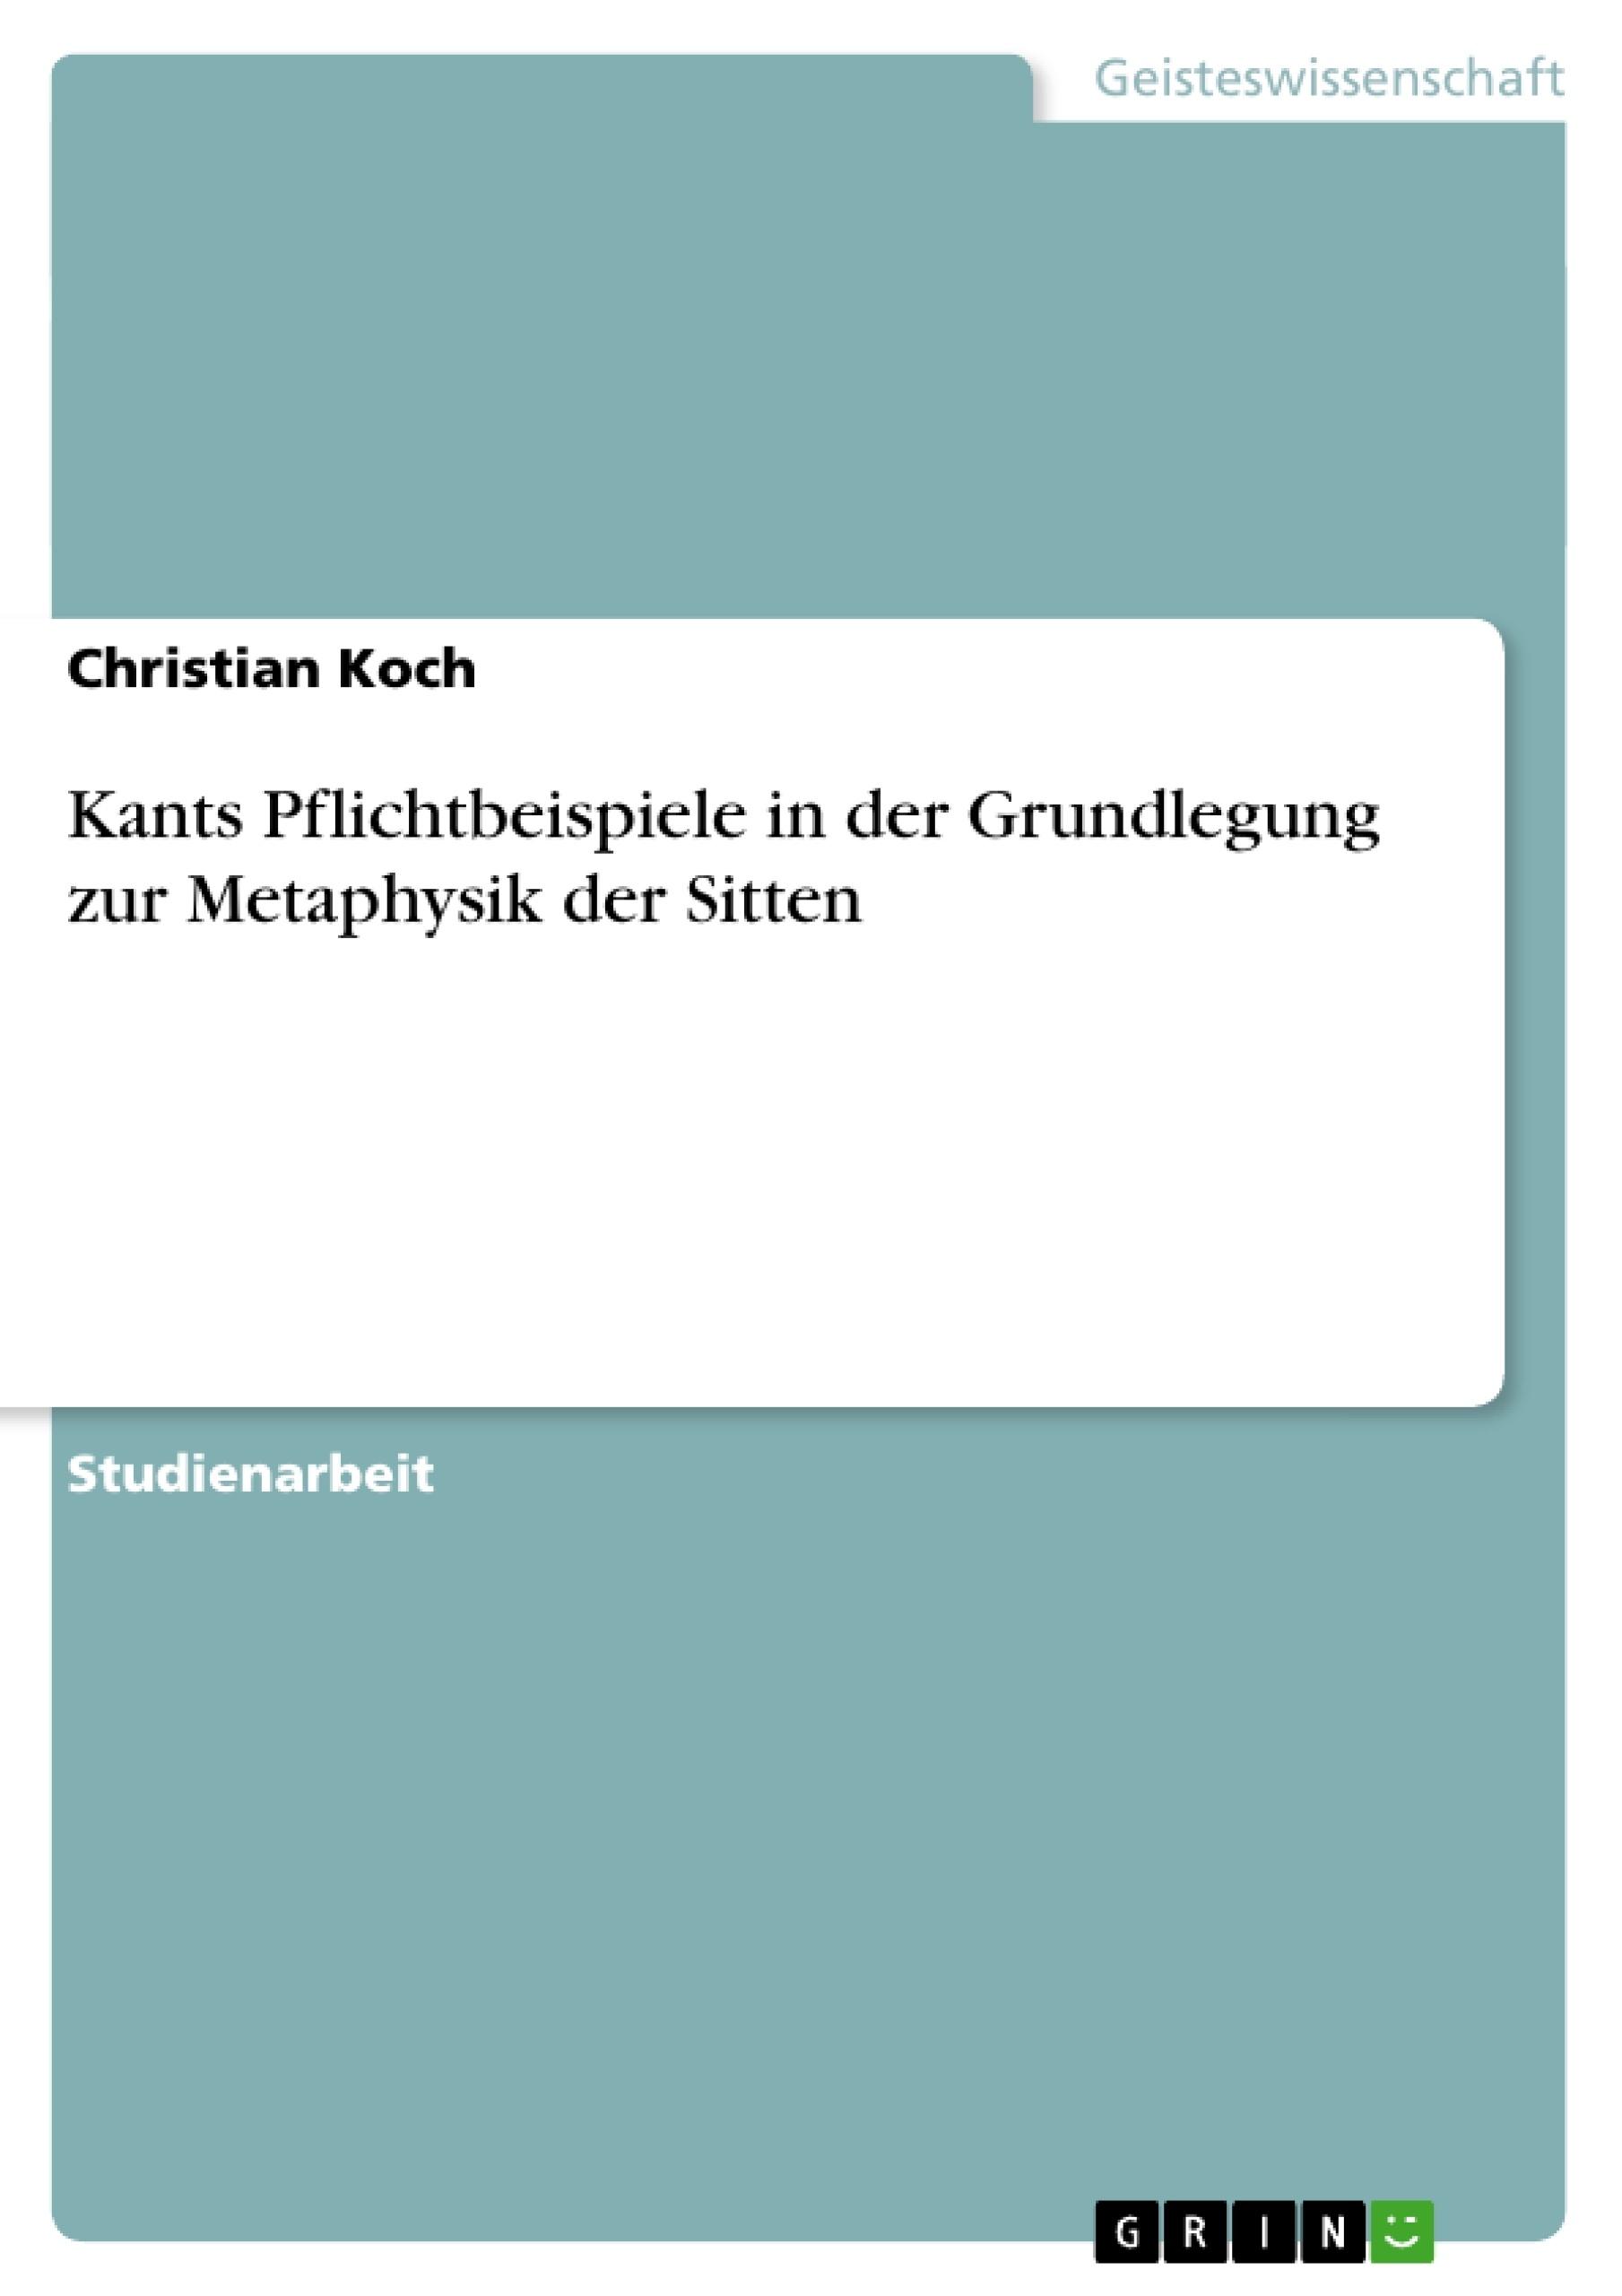 Titel: Kants Pflichtbeispiele in der Grundlegung zur Metaphysik der Sitten